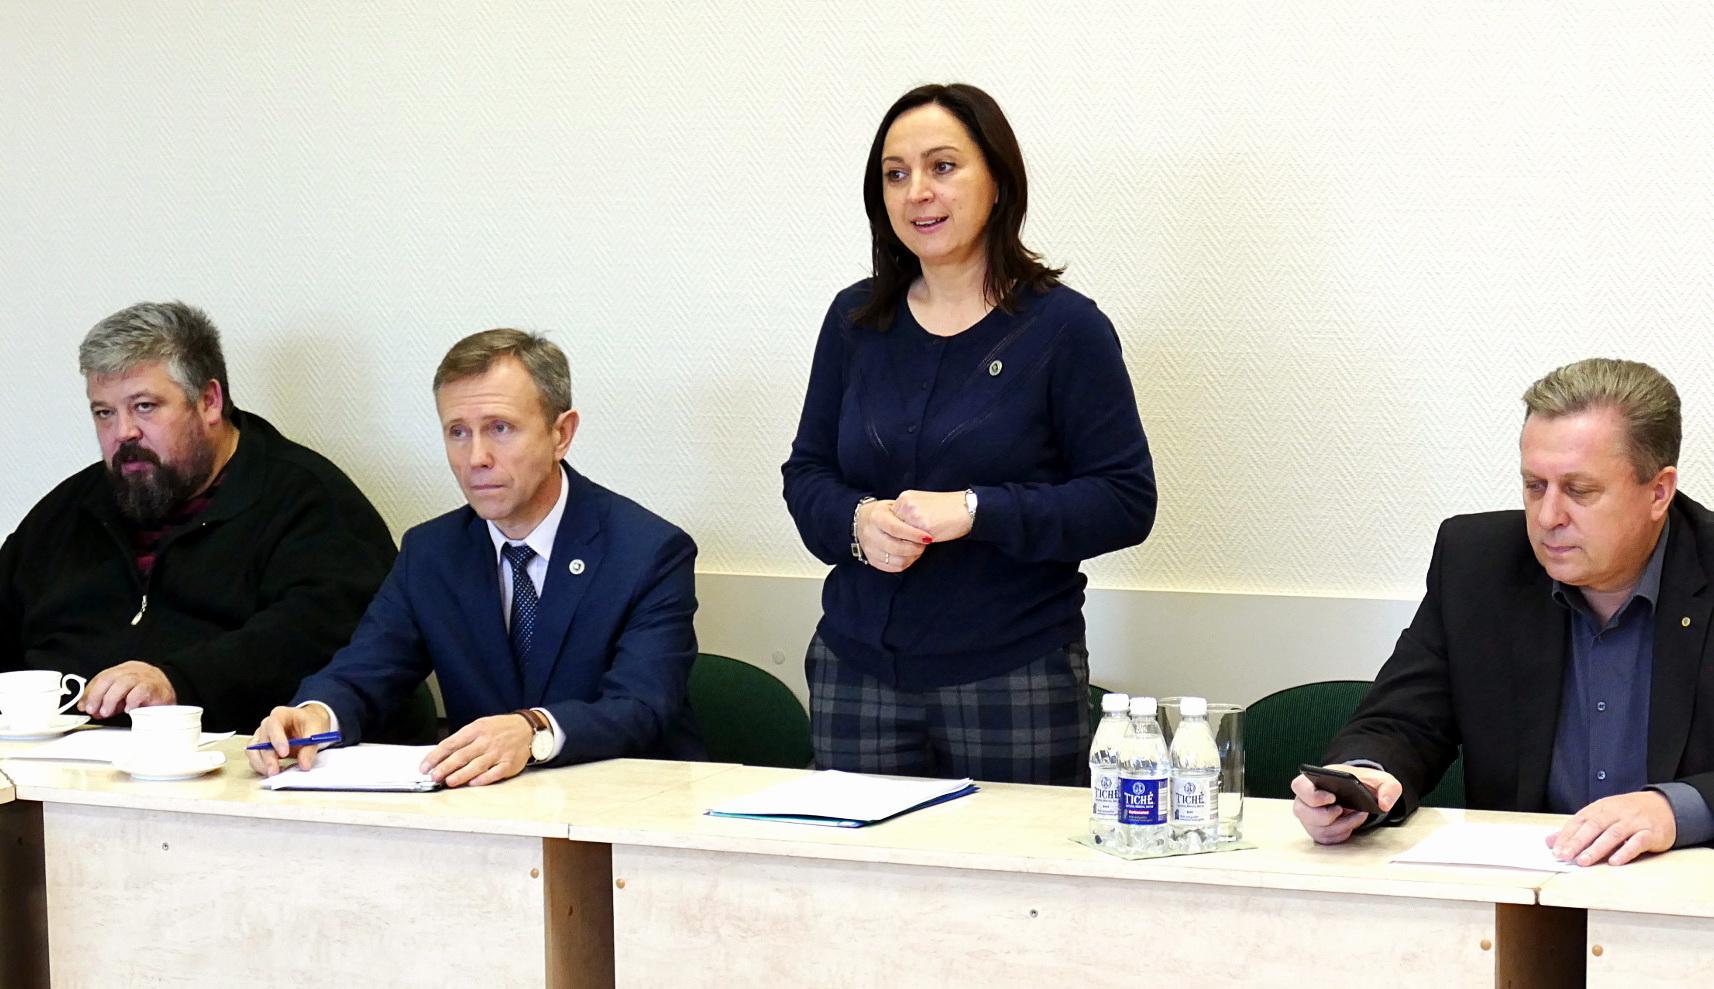 Tarybos opozicijos nariai (iš kairės): Arūnas Kurlianskas, Algirdas Gečas, Sandra Tamašauskienė, Arvydas Jakas.